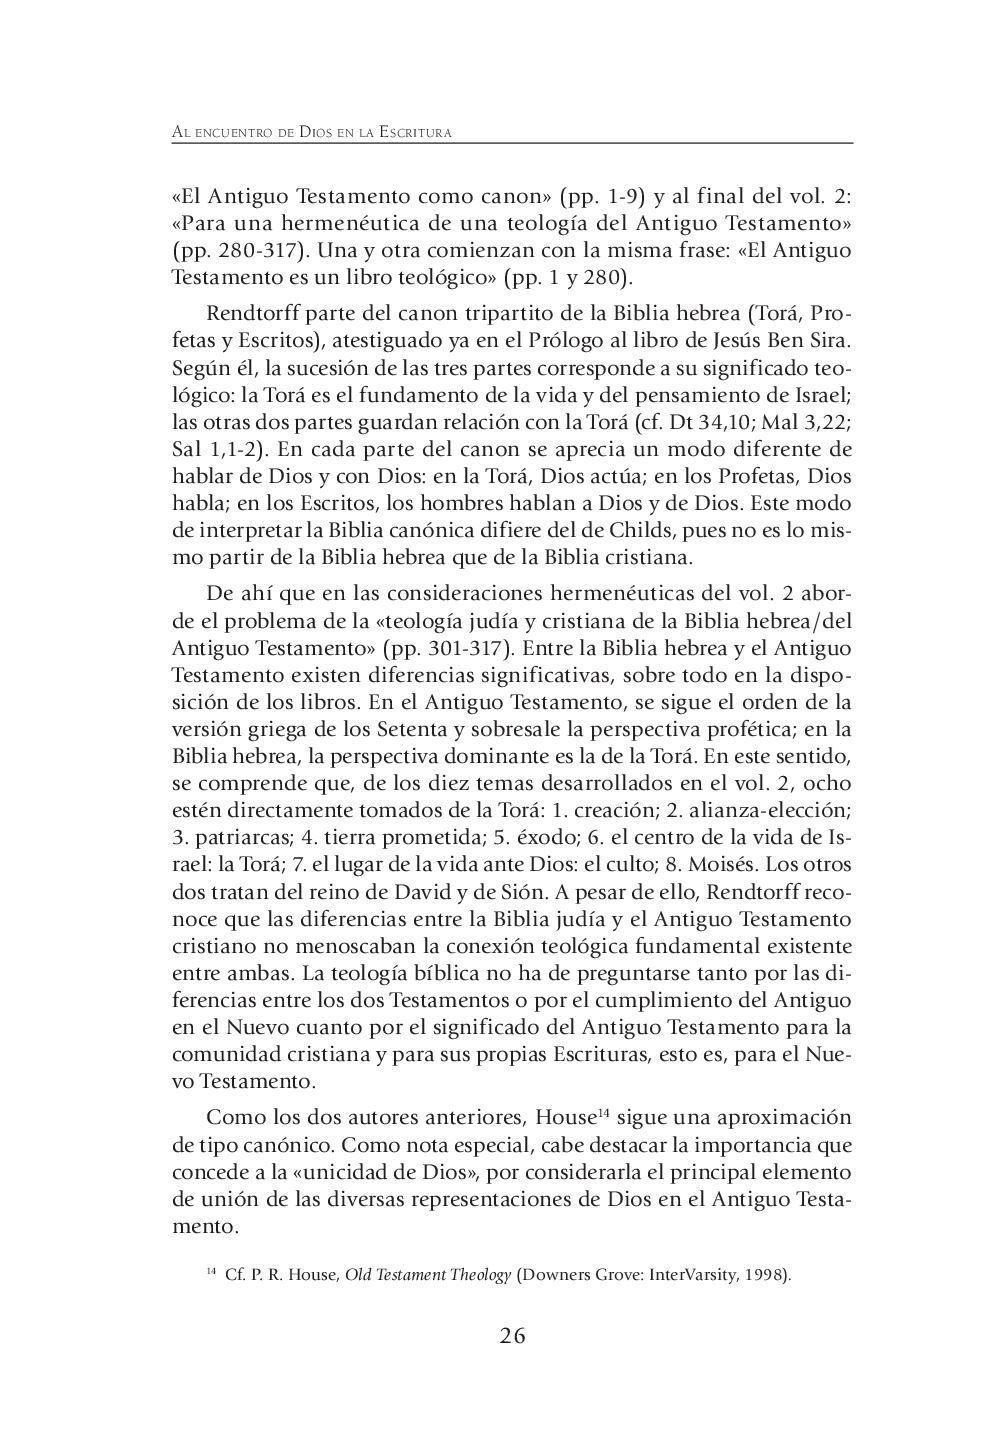 Foto de AL ENCUENTRO DE DIOS EN LAS ESCRITURAS #66 (VD)